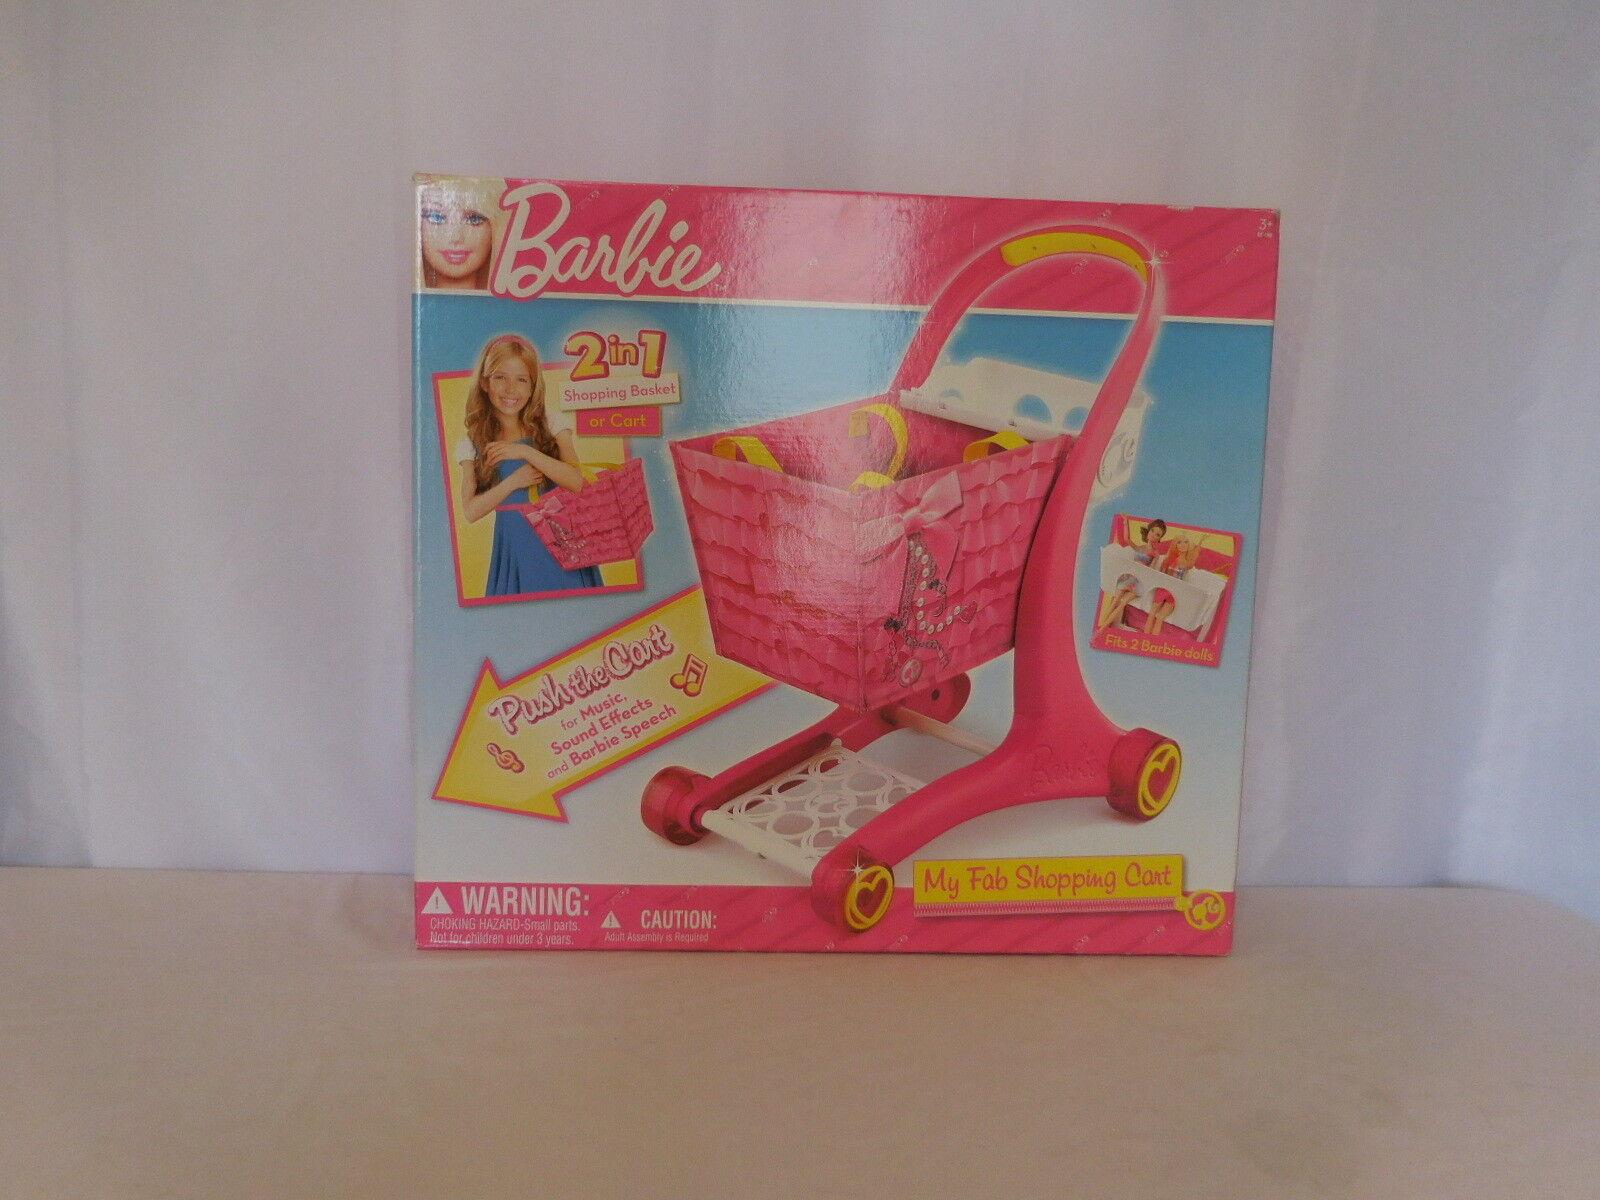 Barbie meine fab warenkorb 2 in 1 einkaufswagen oder korb push cart new in box